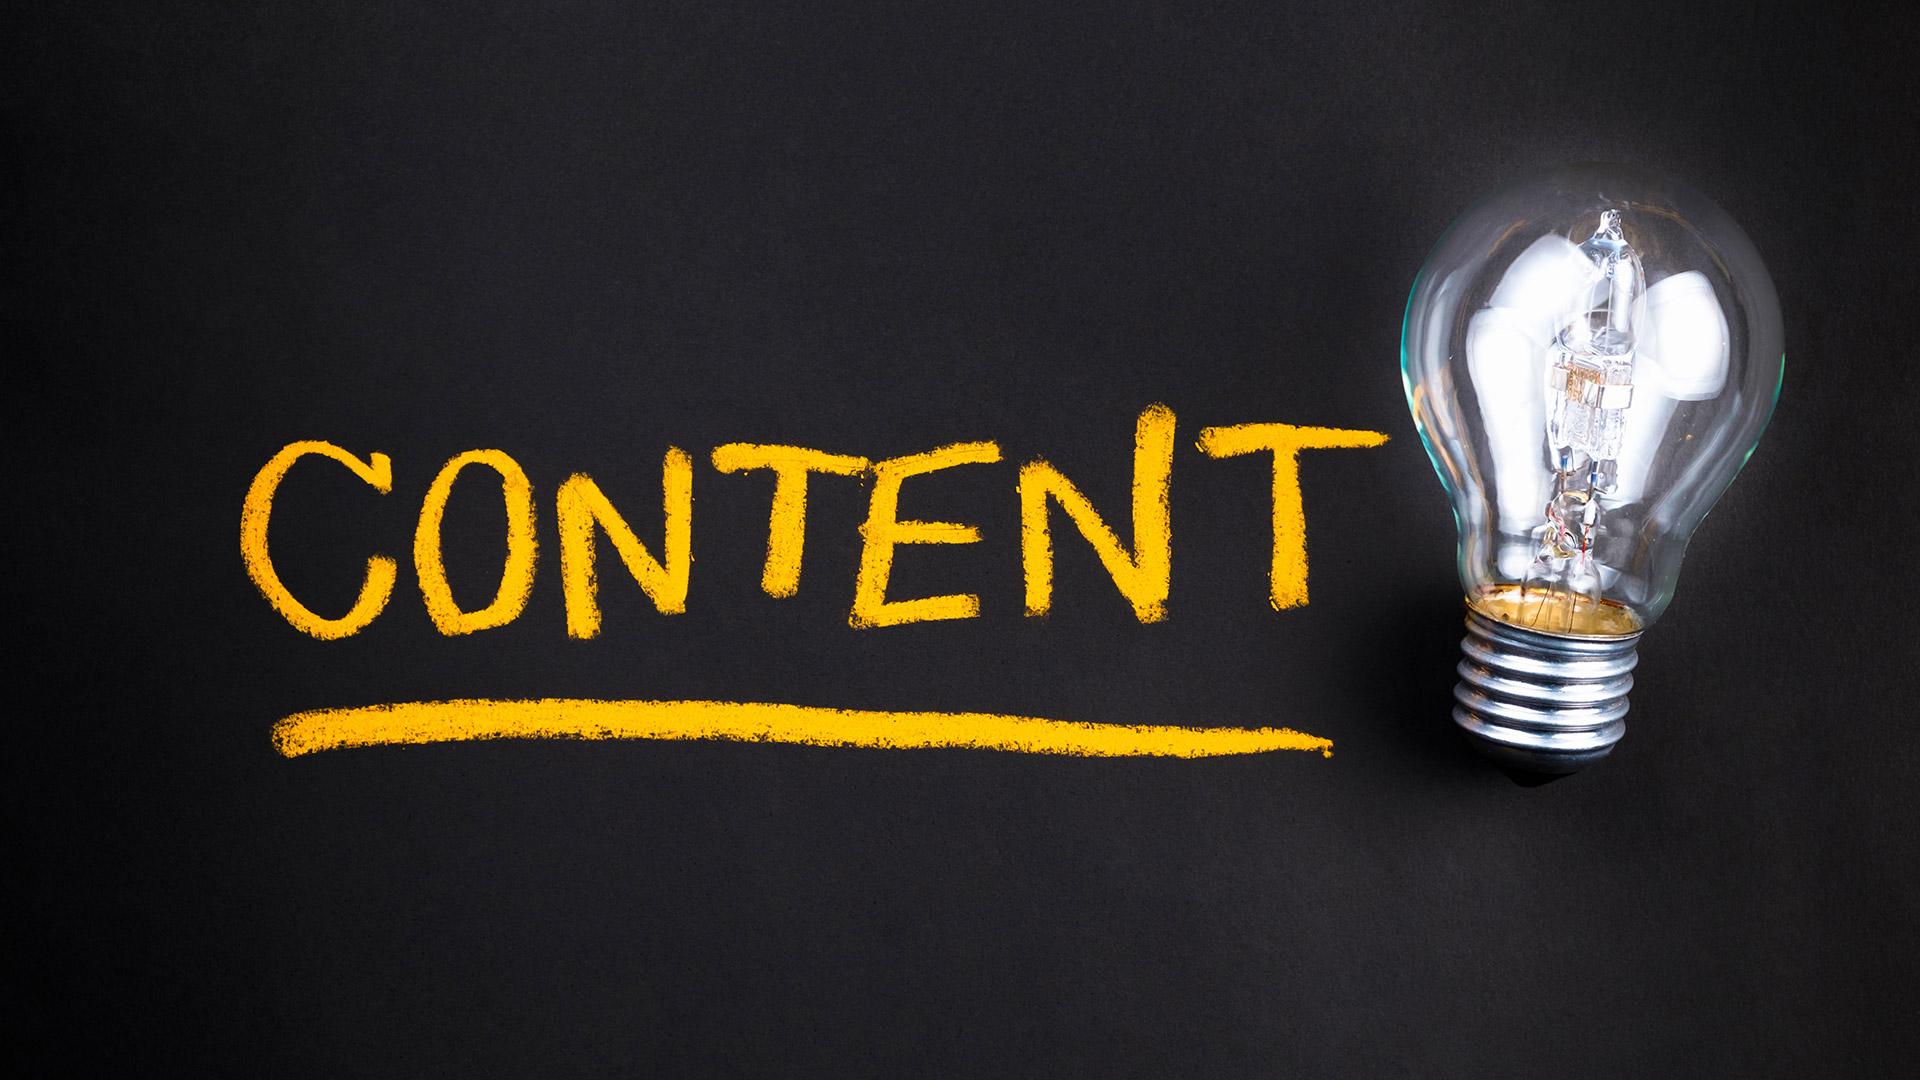 Quy trình của content marketing